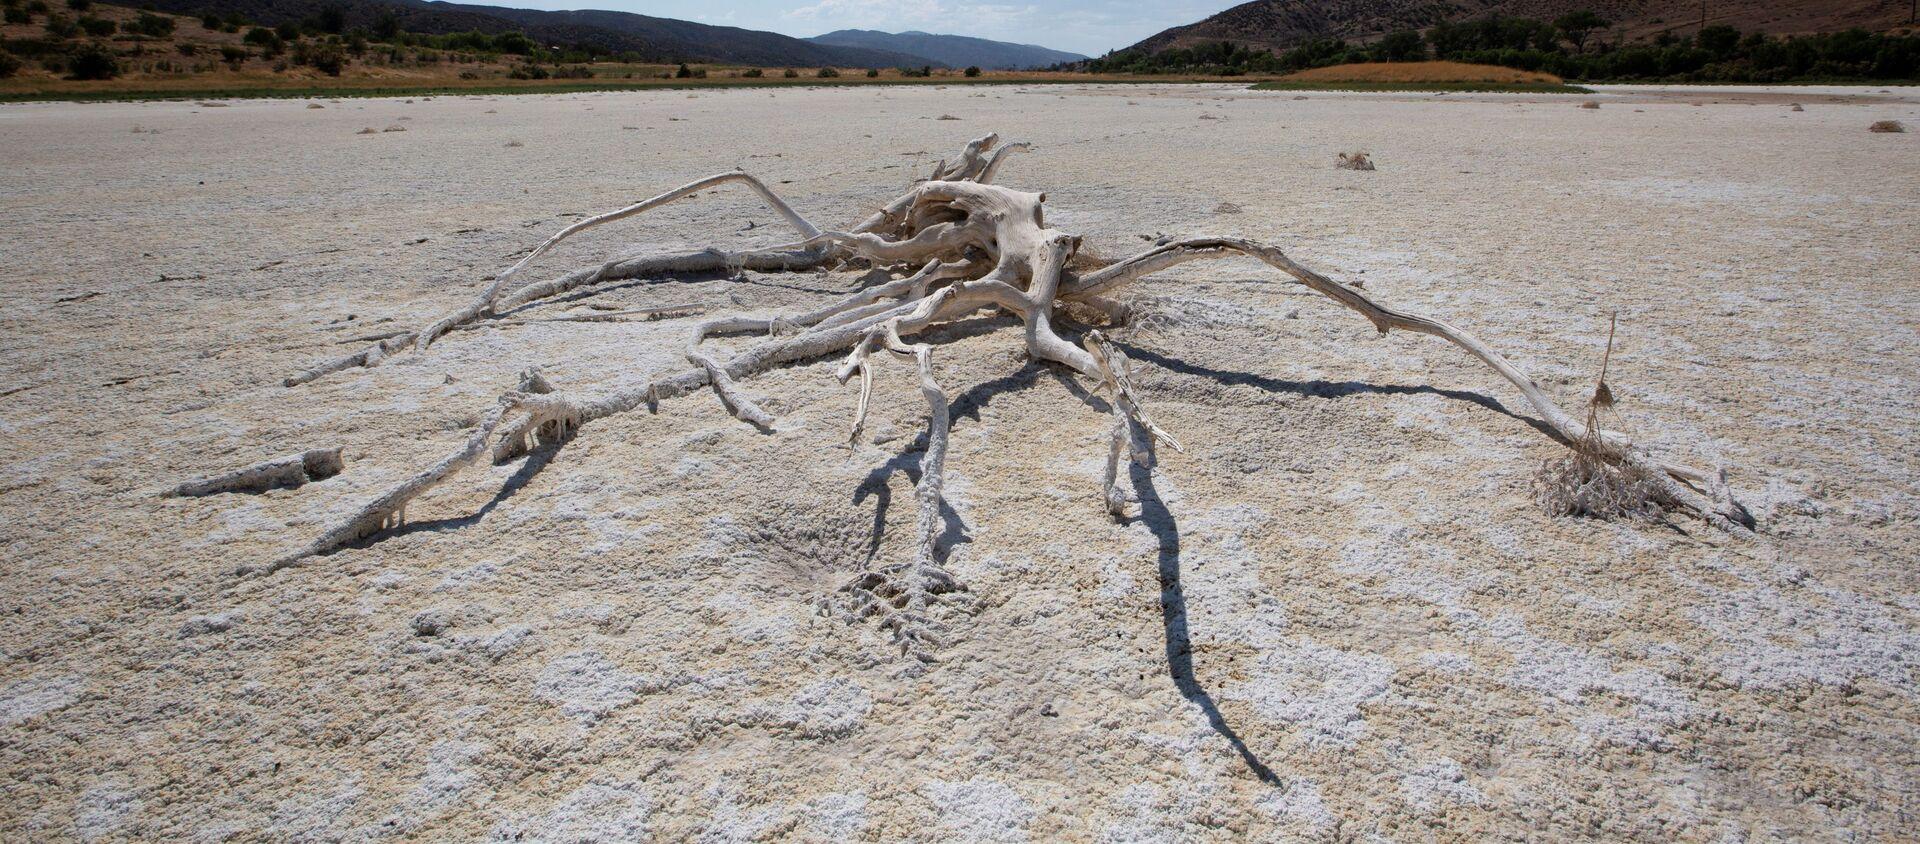 ABD'nin batı yakasında aşırı sıcak-kuraklık döngüsünde kuruyan Elizabeth Gölü (Los Angeles, Kaliforniya) - Sputnik Türkiye, 1920, 09.07.2021